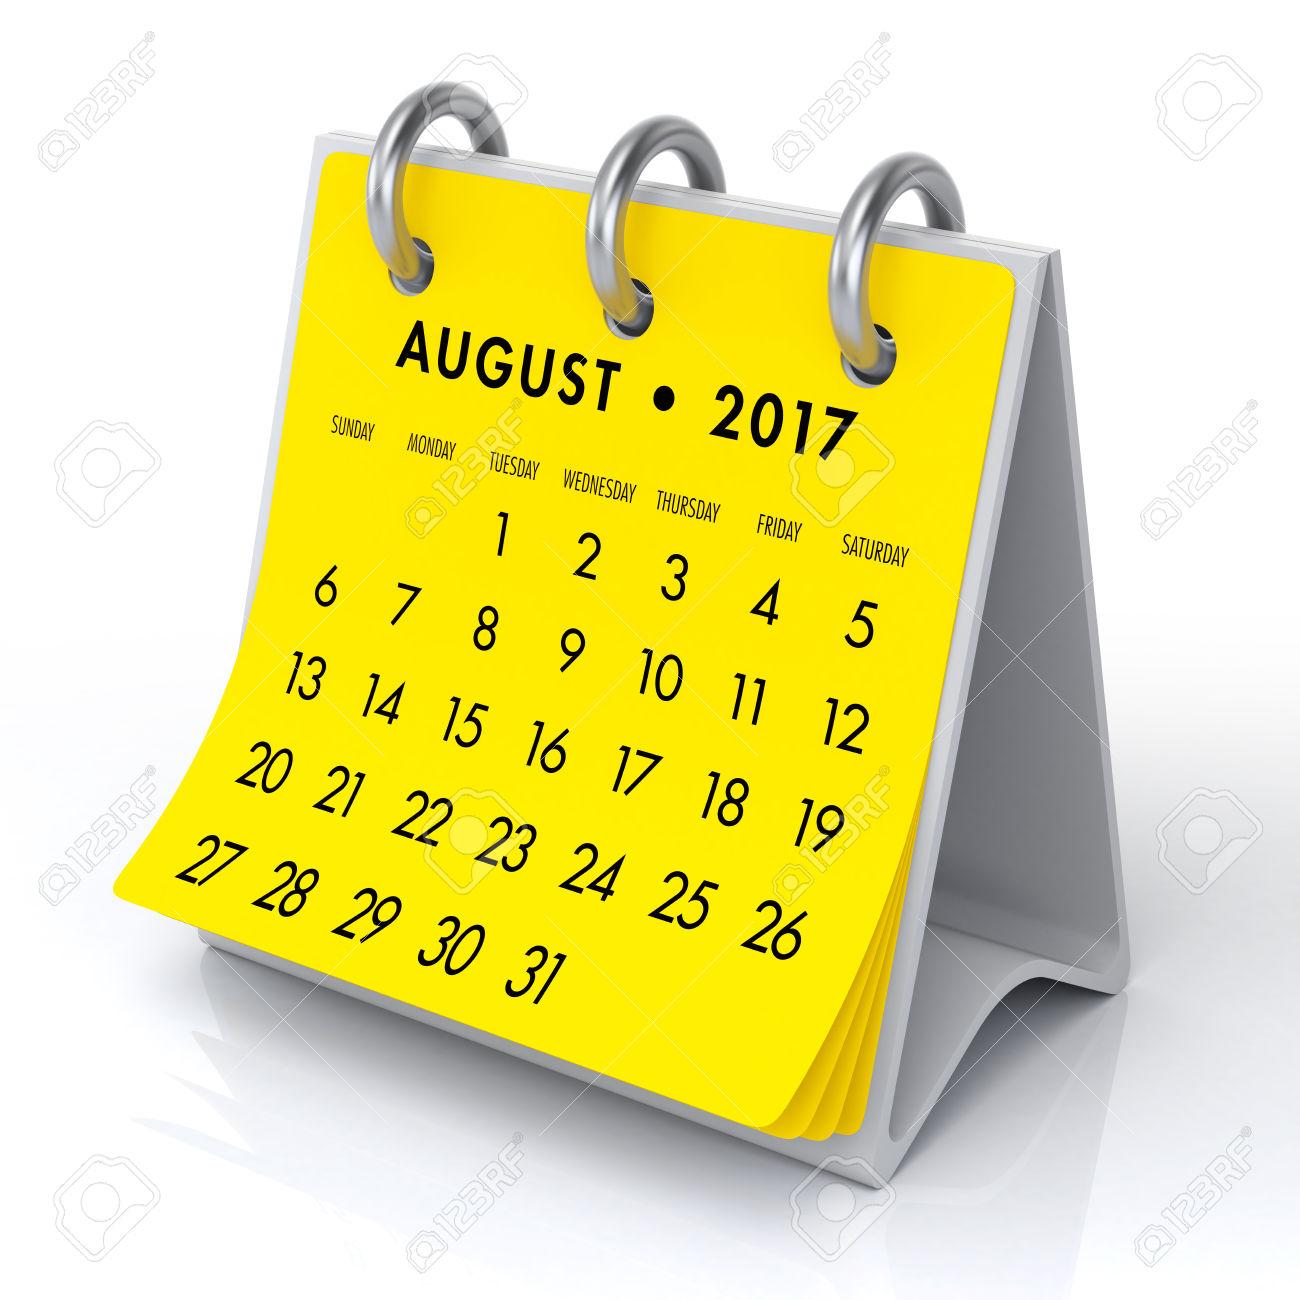 August Clipart Calendar, August Calendar Transparent Free For inside Aug Calendar Clip Art Template